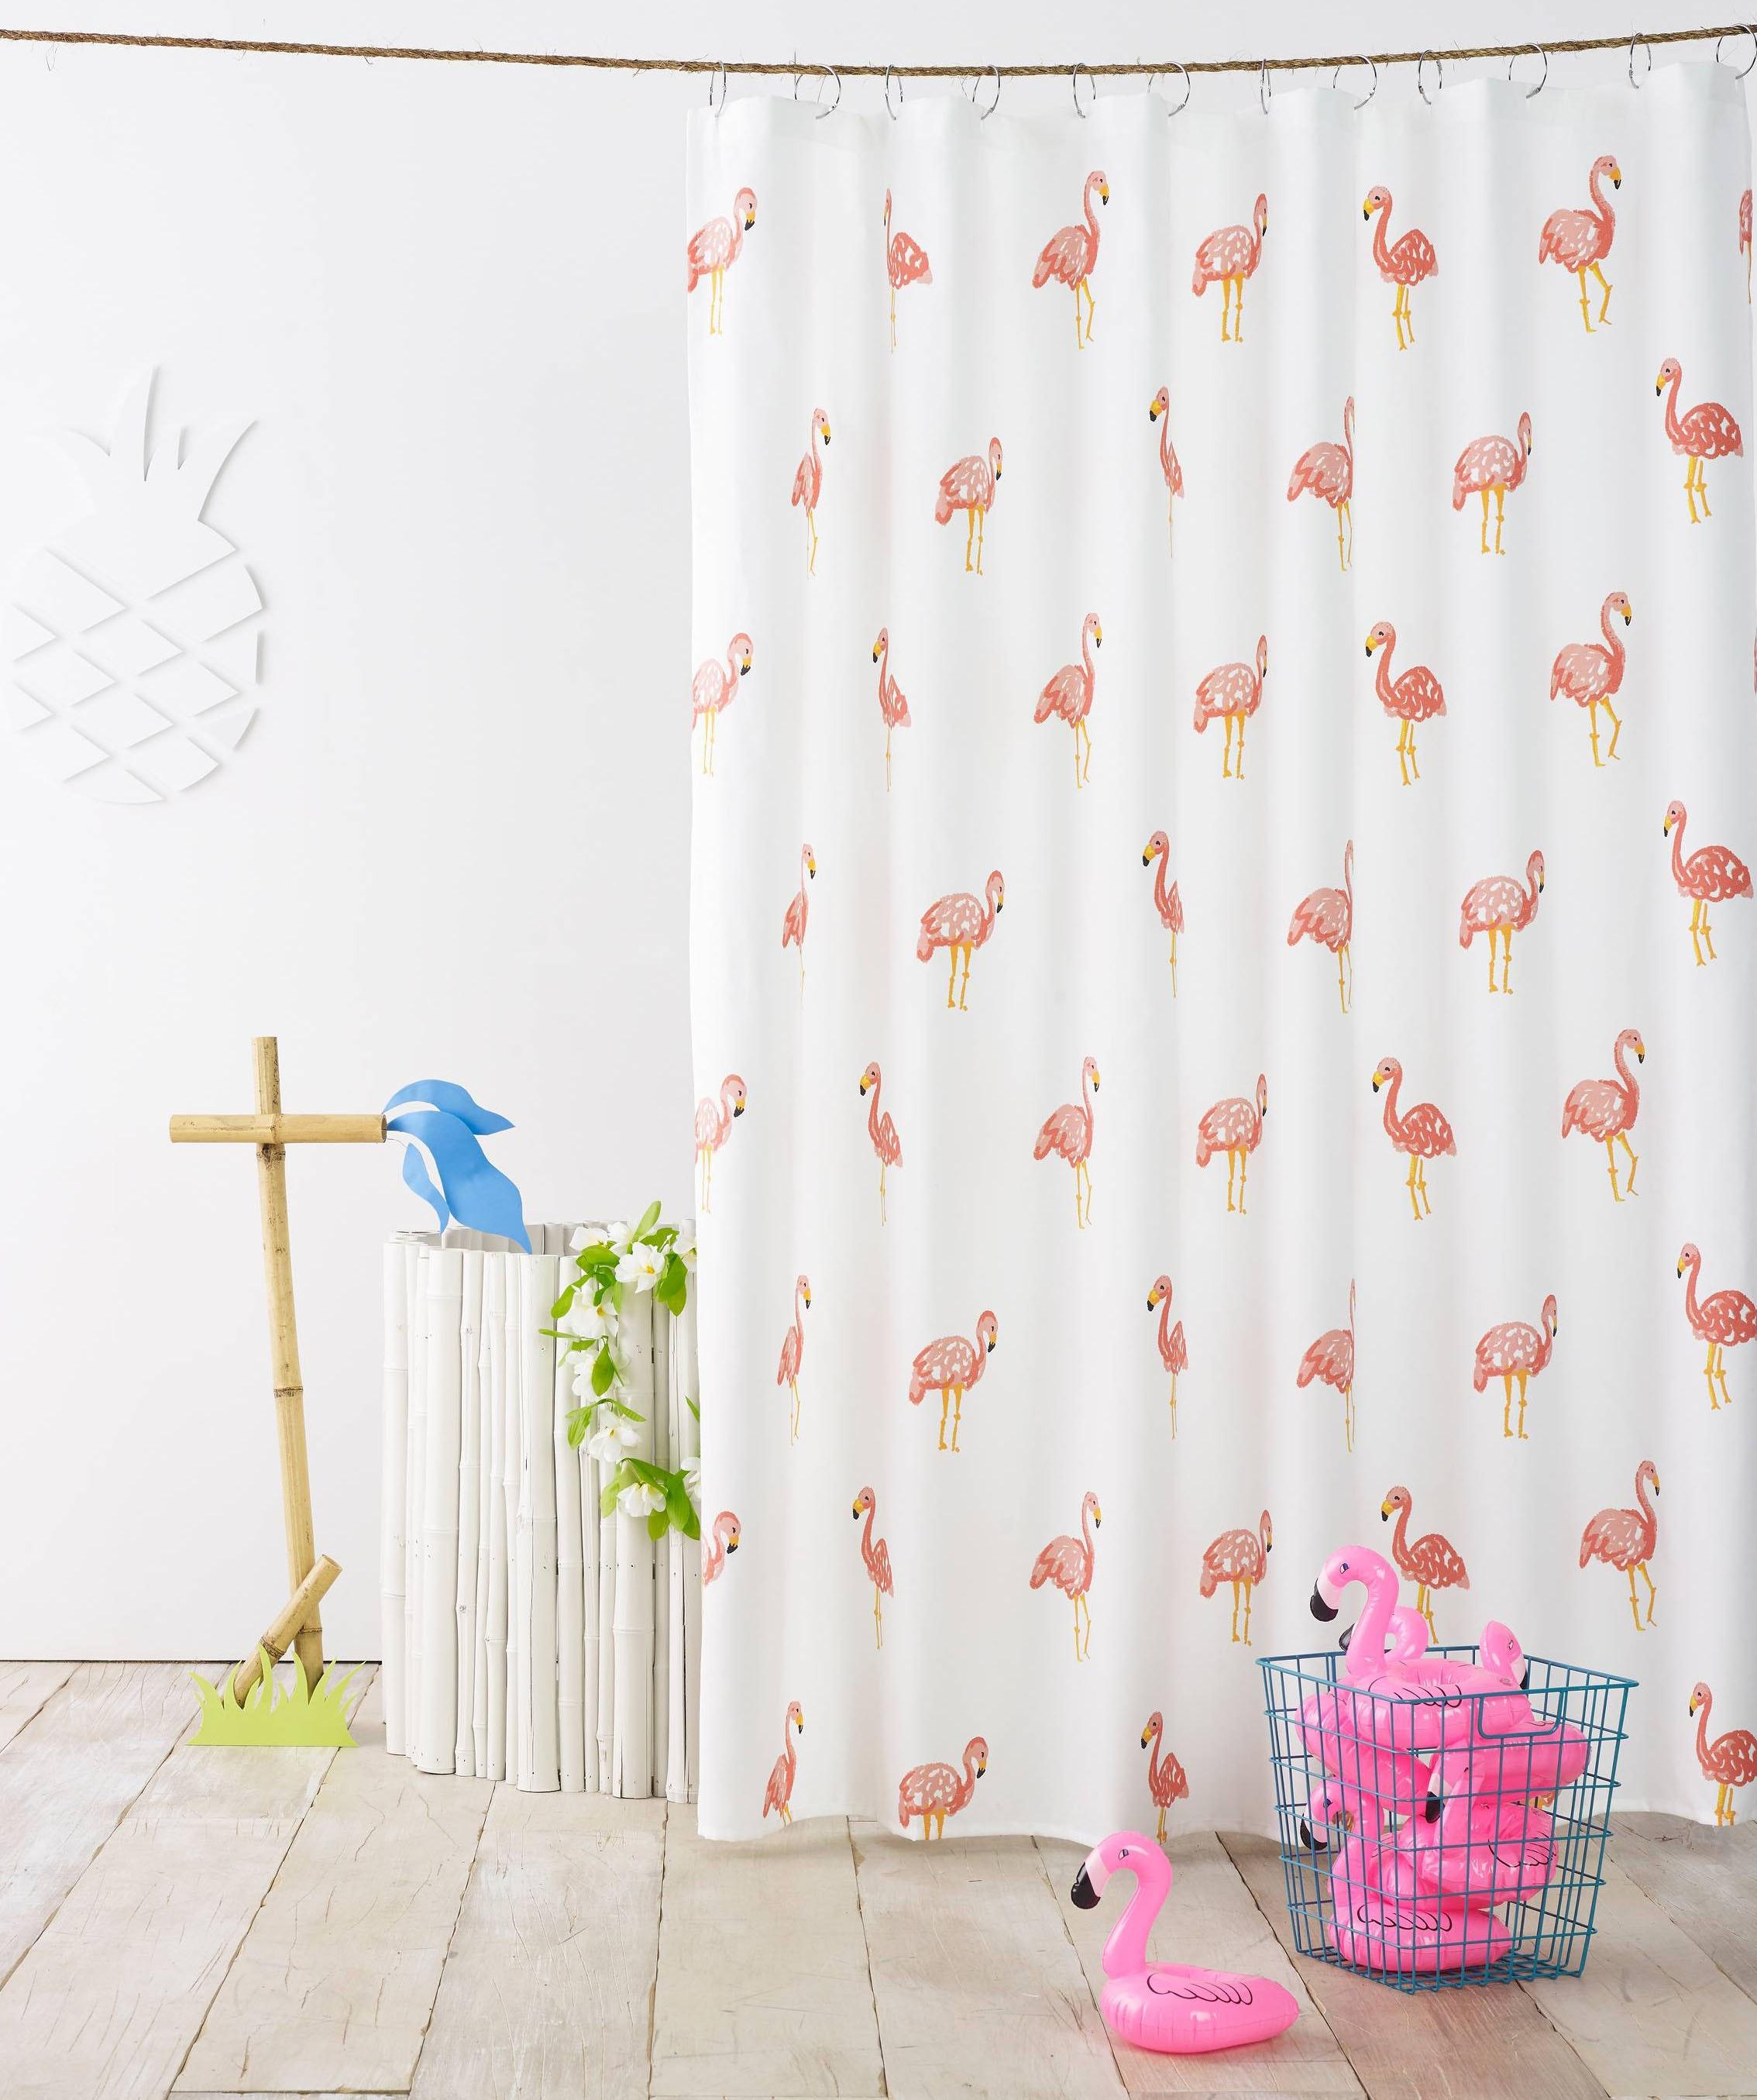 A shower curtain to keep your bathroom floor dry